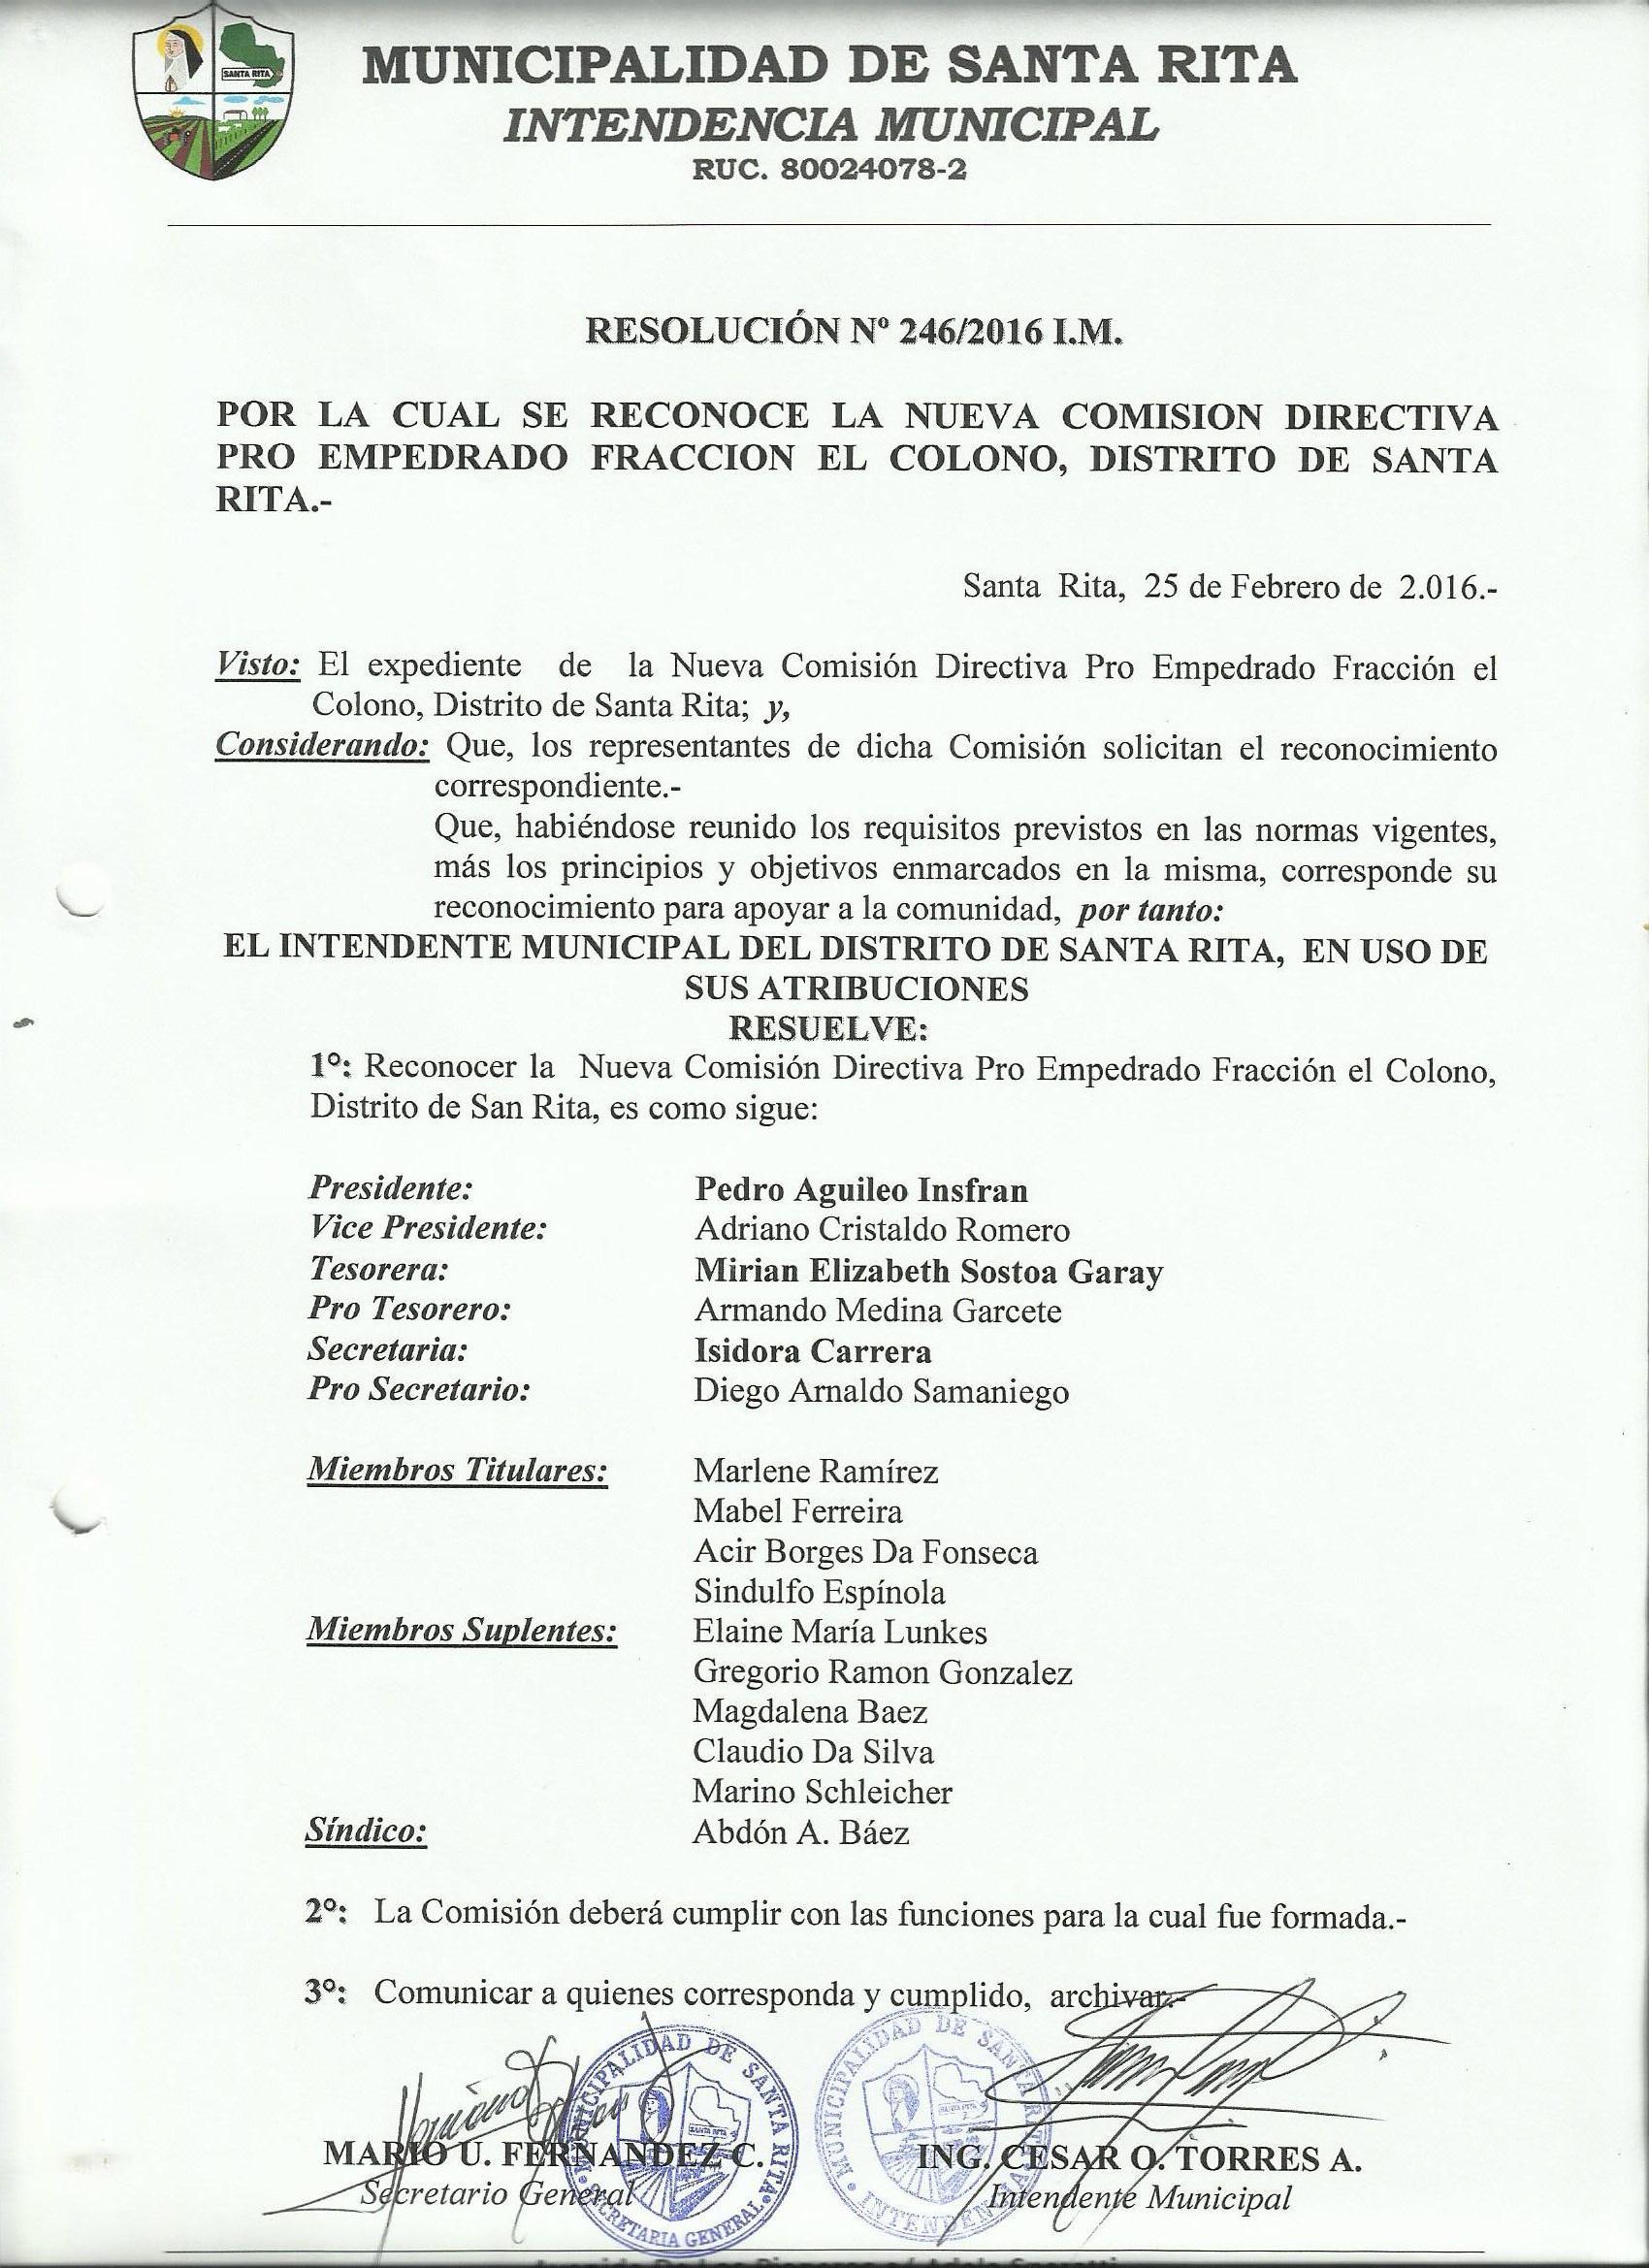 Reconocimiento Comision Fraccion El Colono